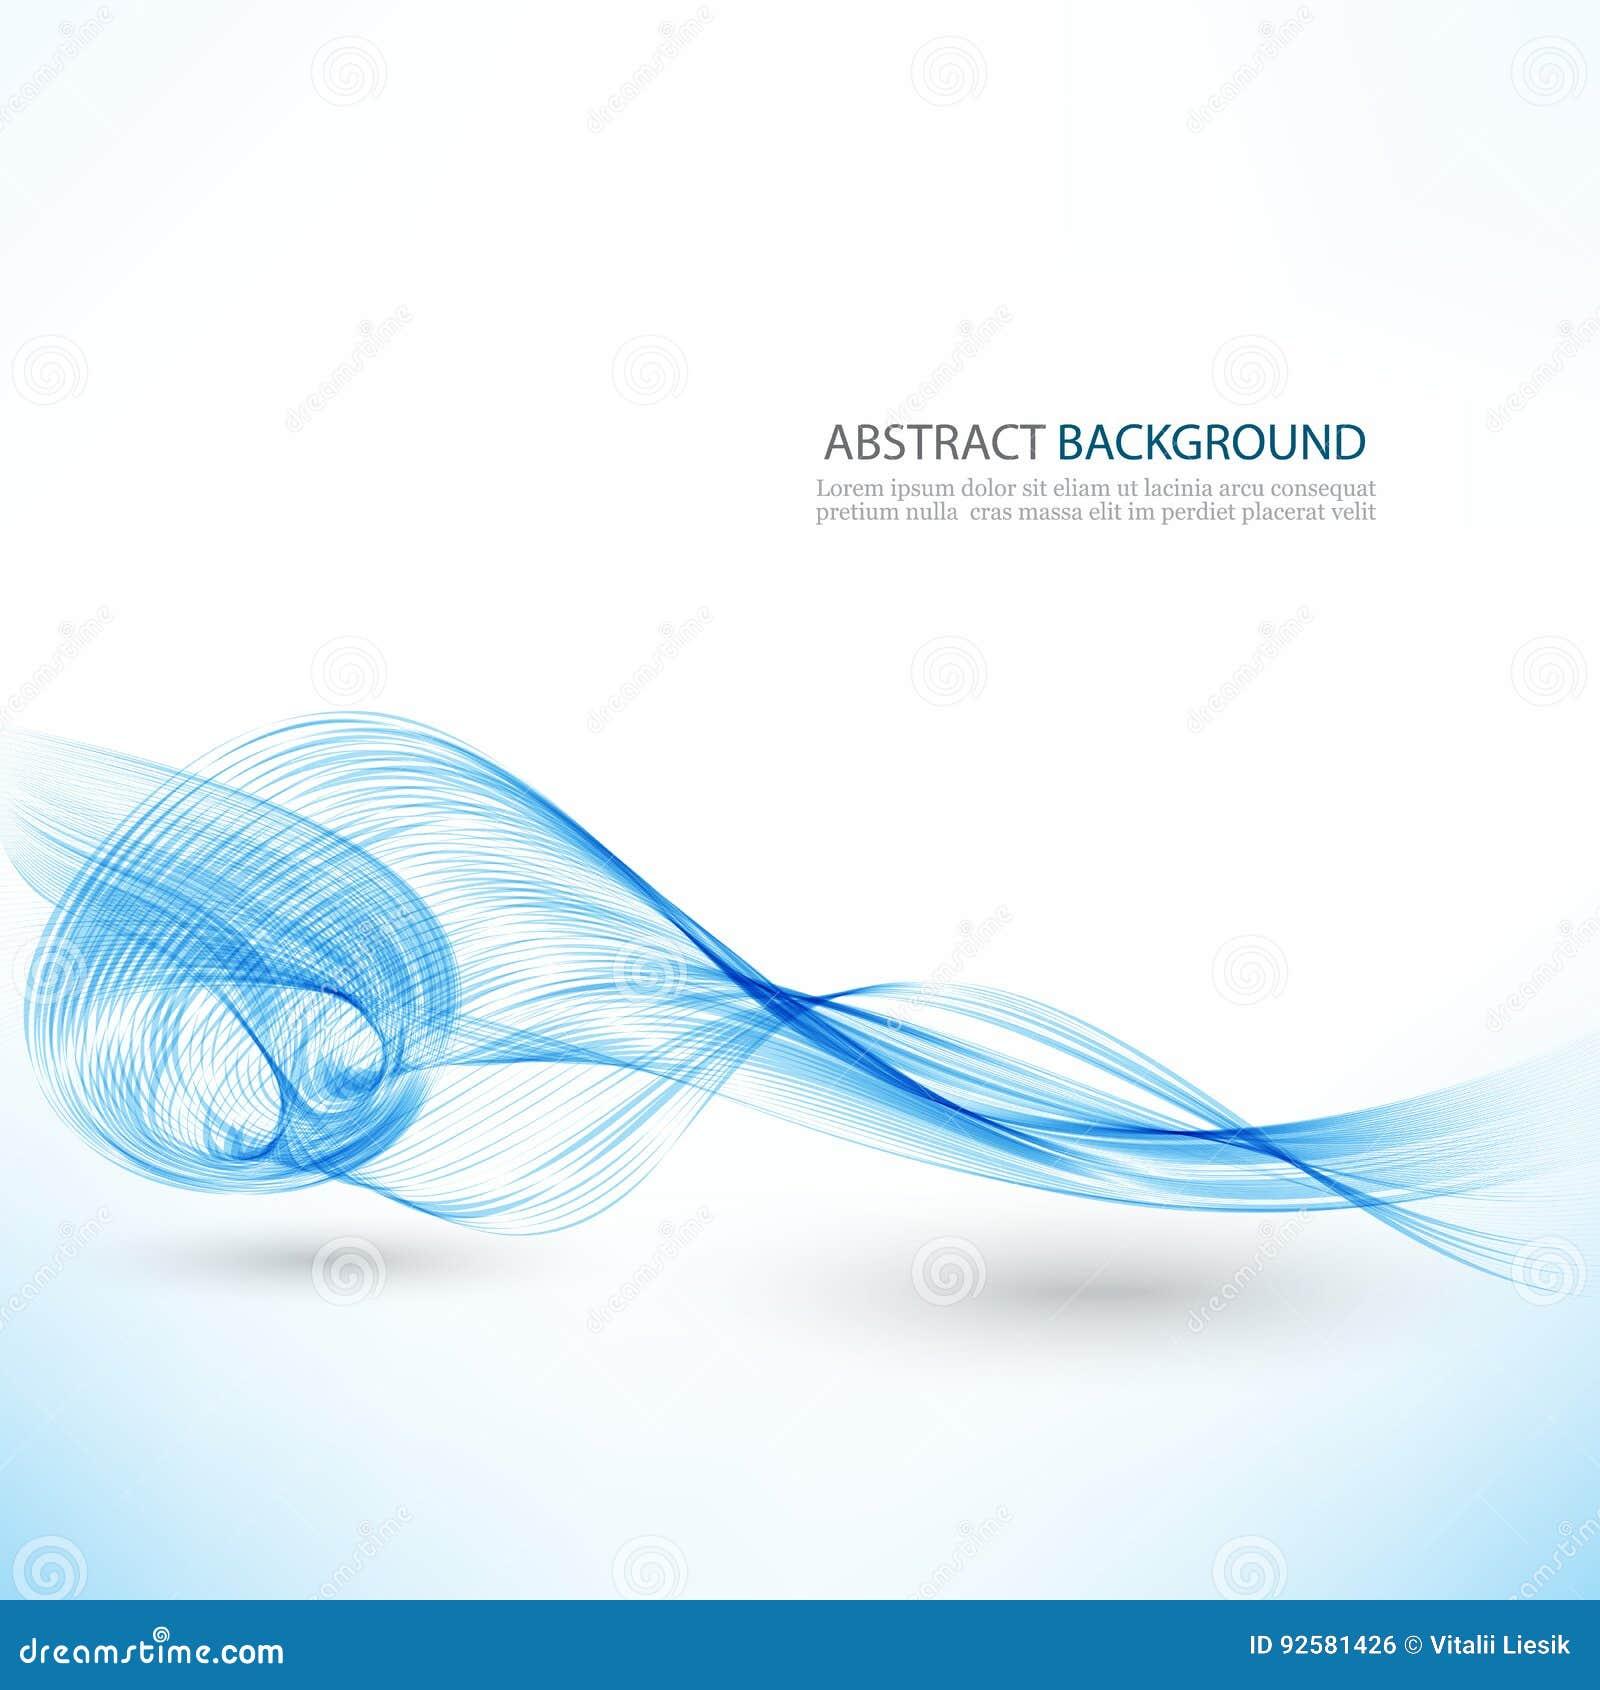 Αφηρημένο διανυσματικό υπόβαθρο, μπλε διαφανείς κυματισμένες γραμμές για το φυλλάδιο, ιστοχώρος, σχέδιο ιπτάμενων μπλε κύμα καπνο